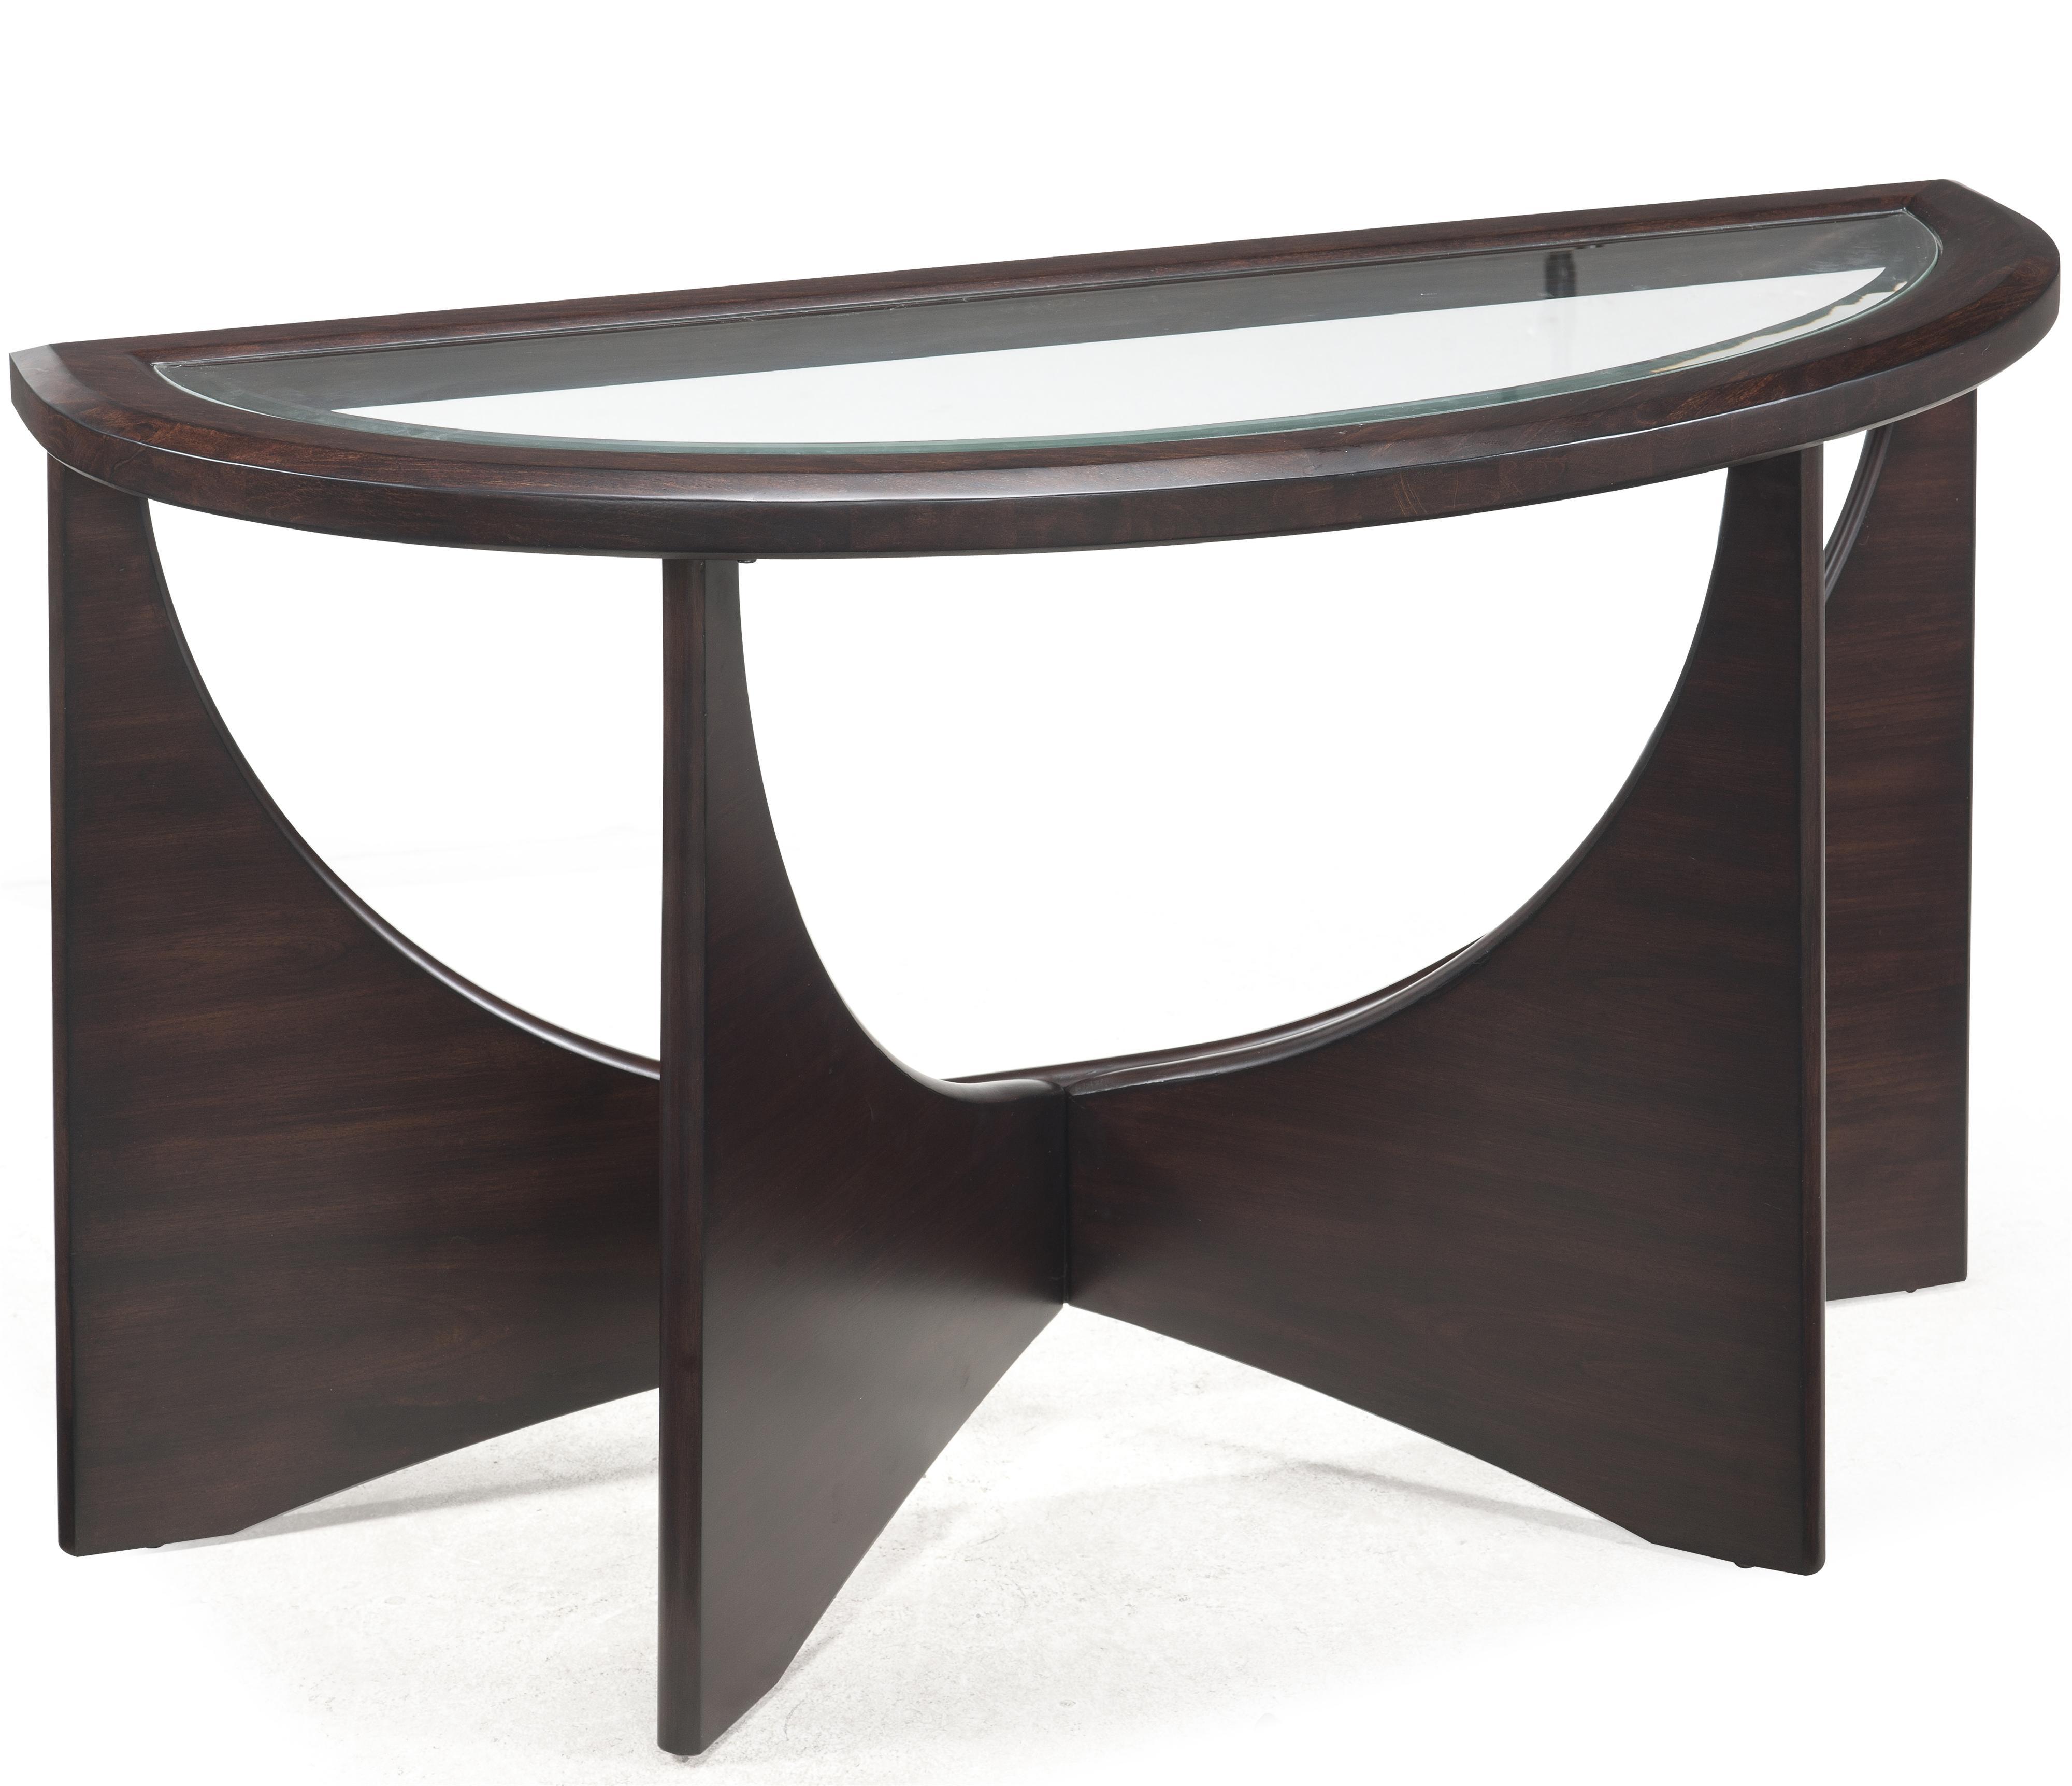 Belfort Select Okani Demilune Sofa Table - Item Number: T2361-75